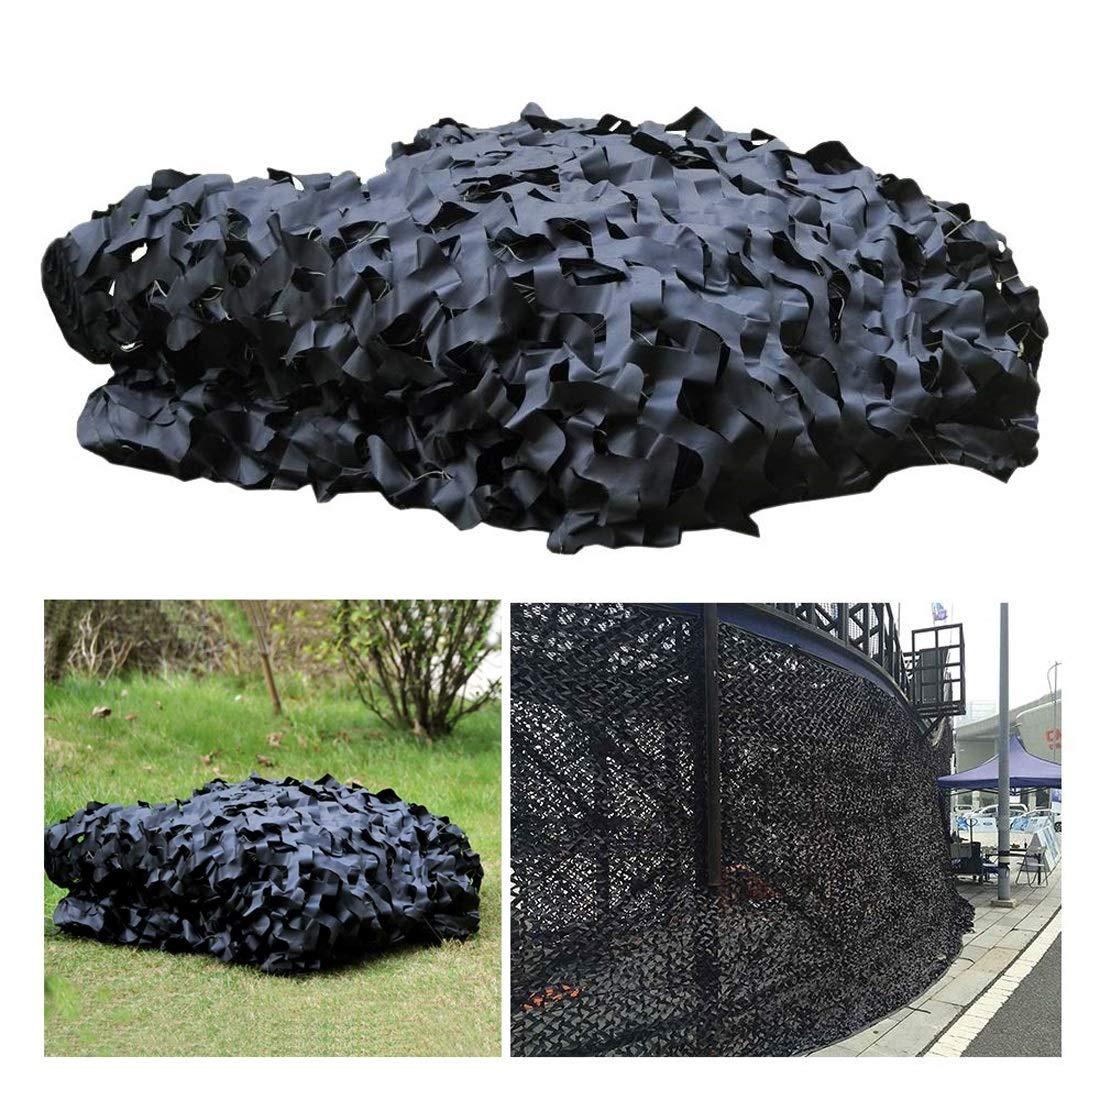 ブラックカモフラージュネットカモフラージュネット、シェードネット5 * 6m、サンメッシュ、カモフラージュオーニング、日焼け止めネット2 * 3m、アイソレーションネット、プライバシーガーデンの保護に適しており、複数のサイズのキャンプサンプロテクションネット (Size : 6*8M(19.7*26.2ft))  6*8M(19.7*26.2ft)